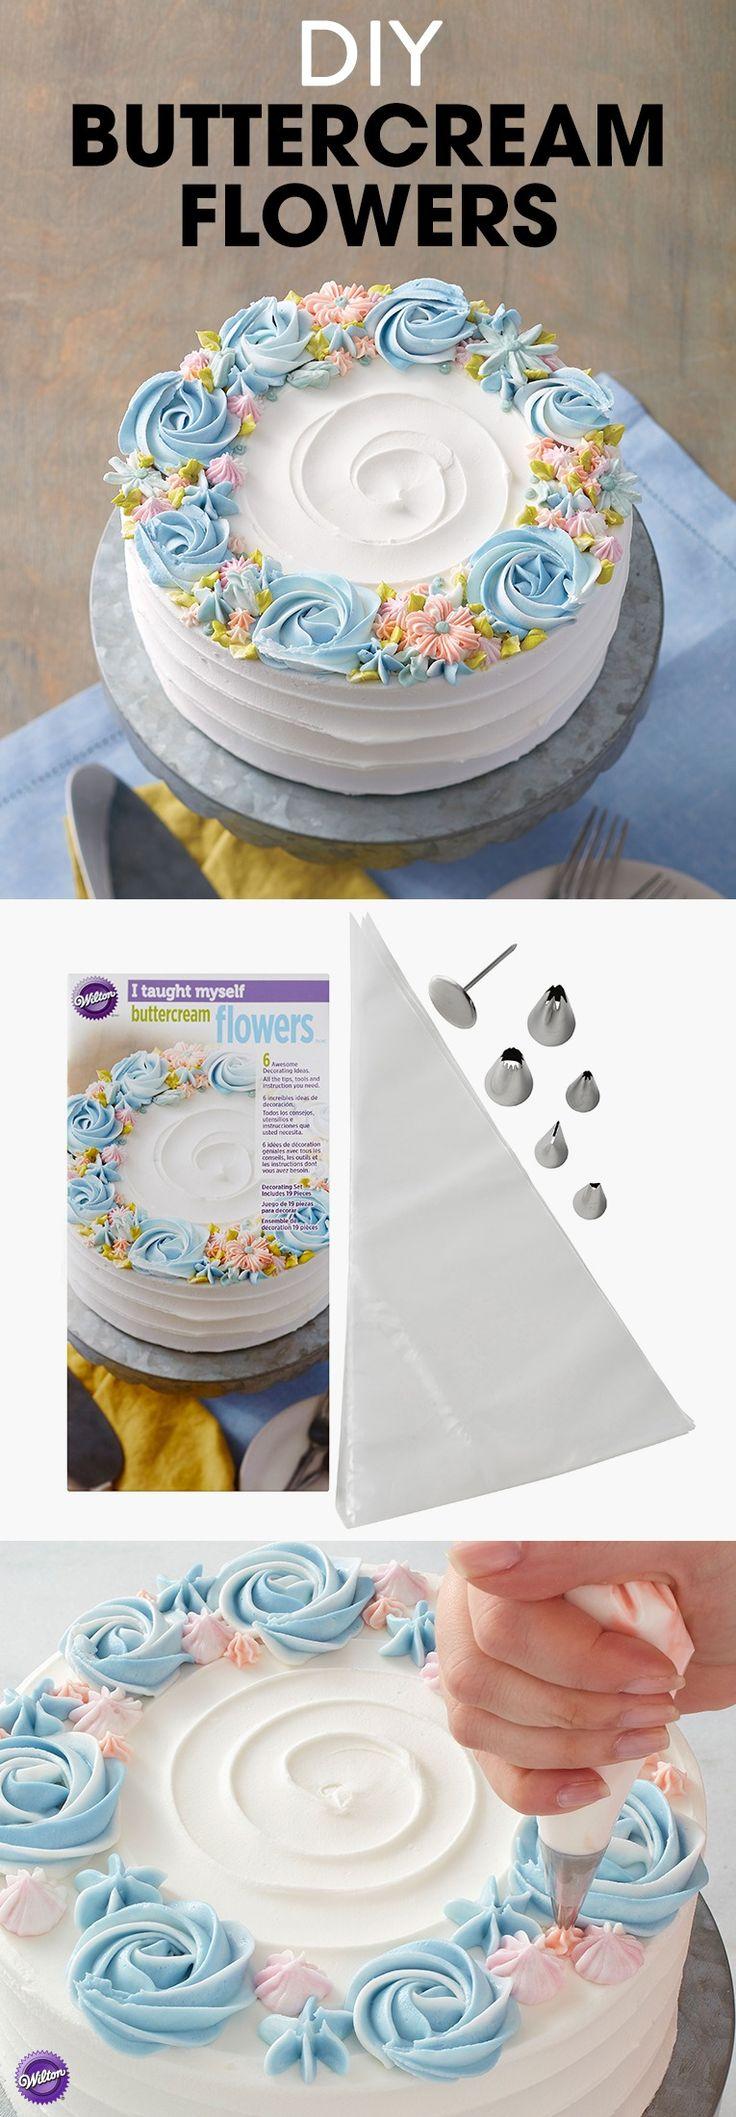 DIY Buttercream Flowers